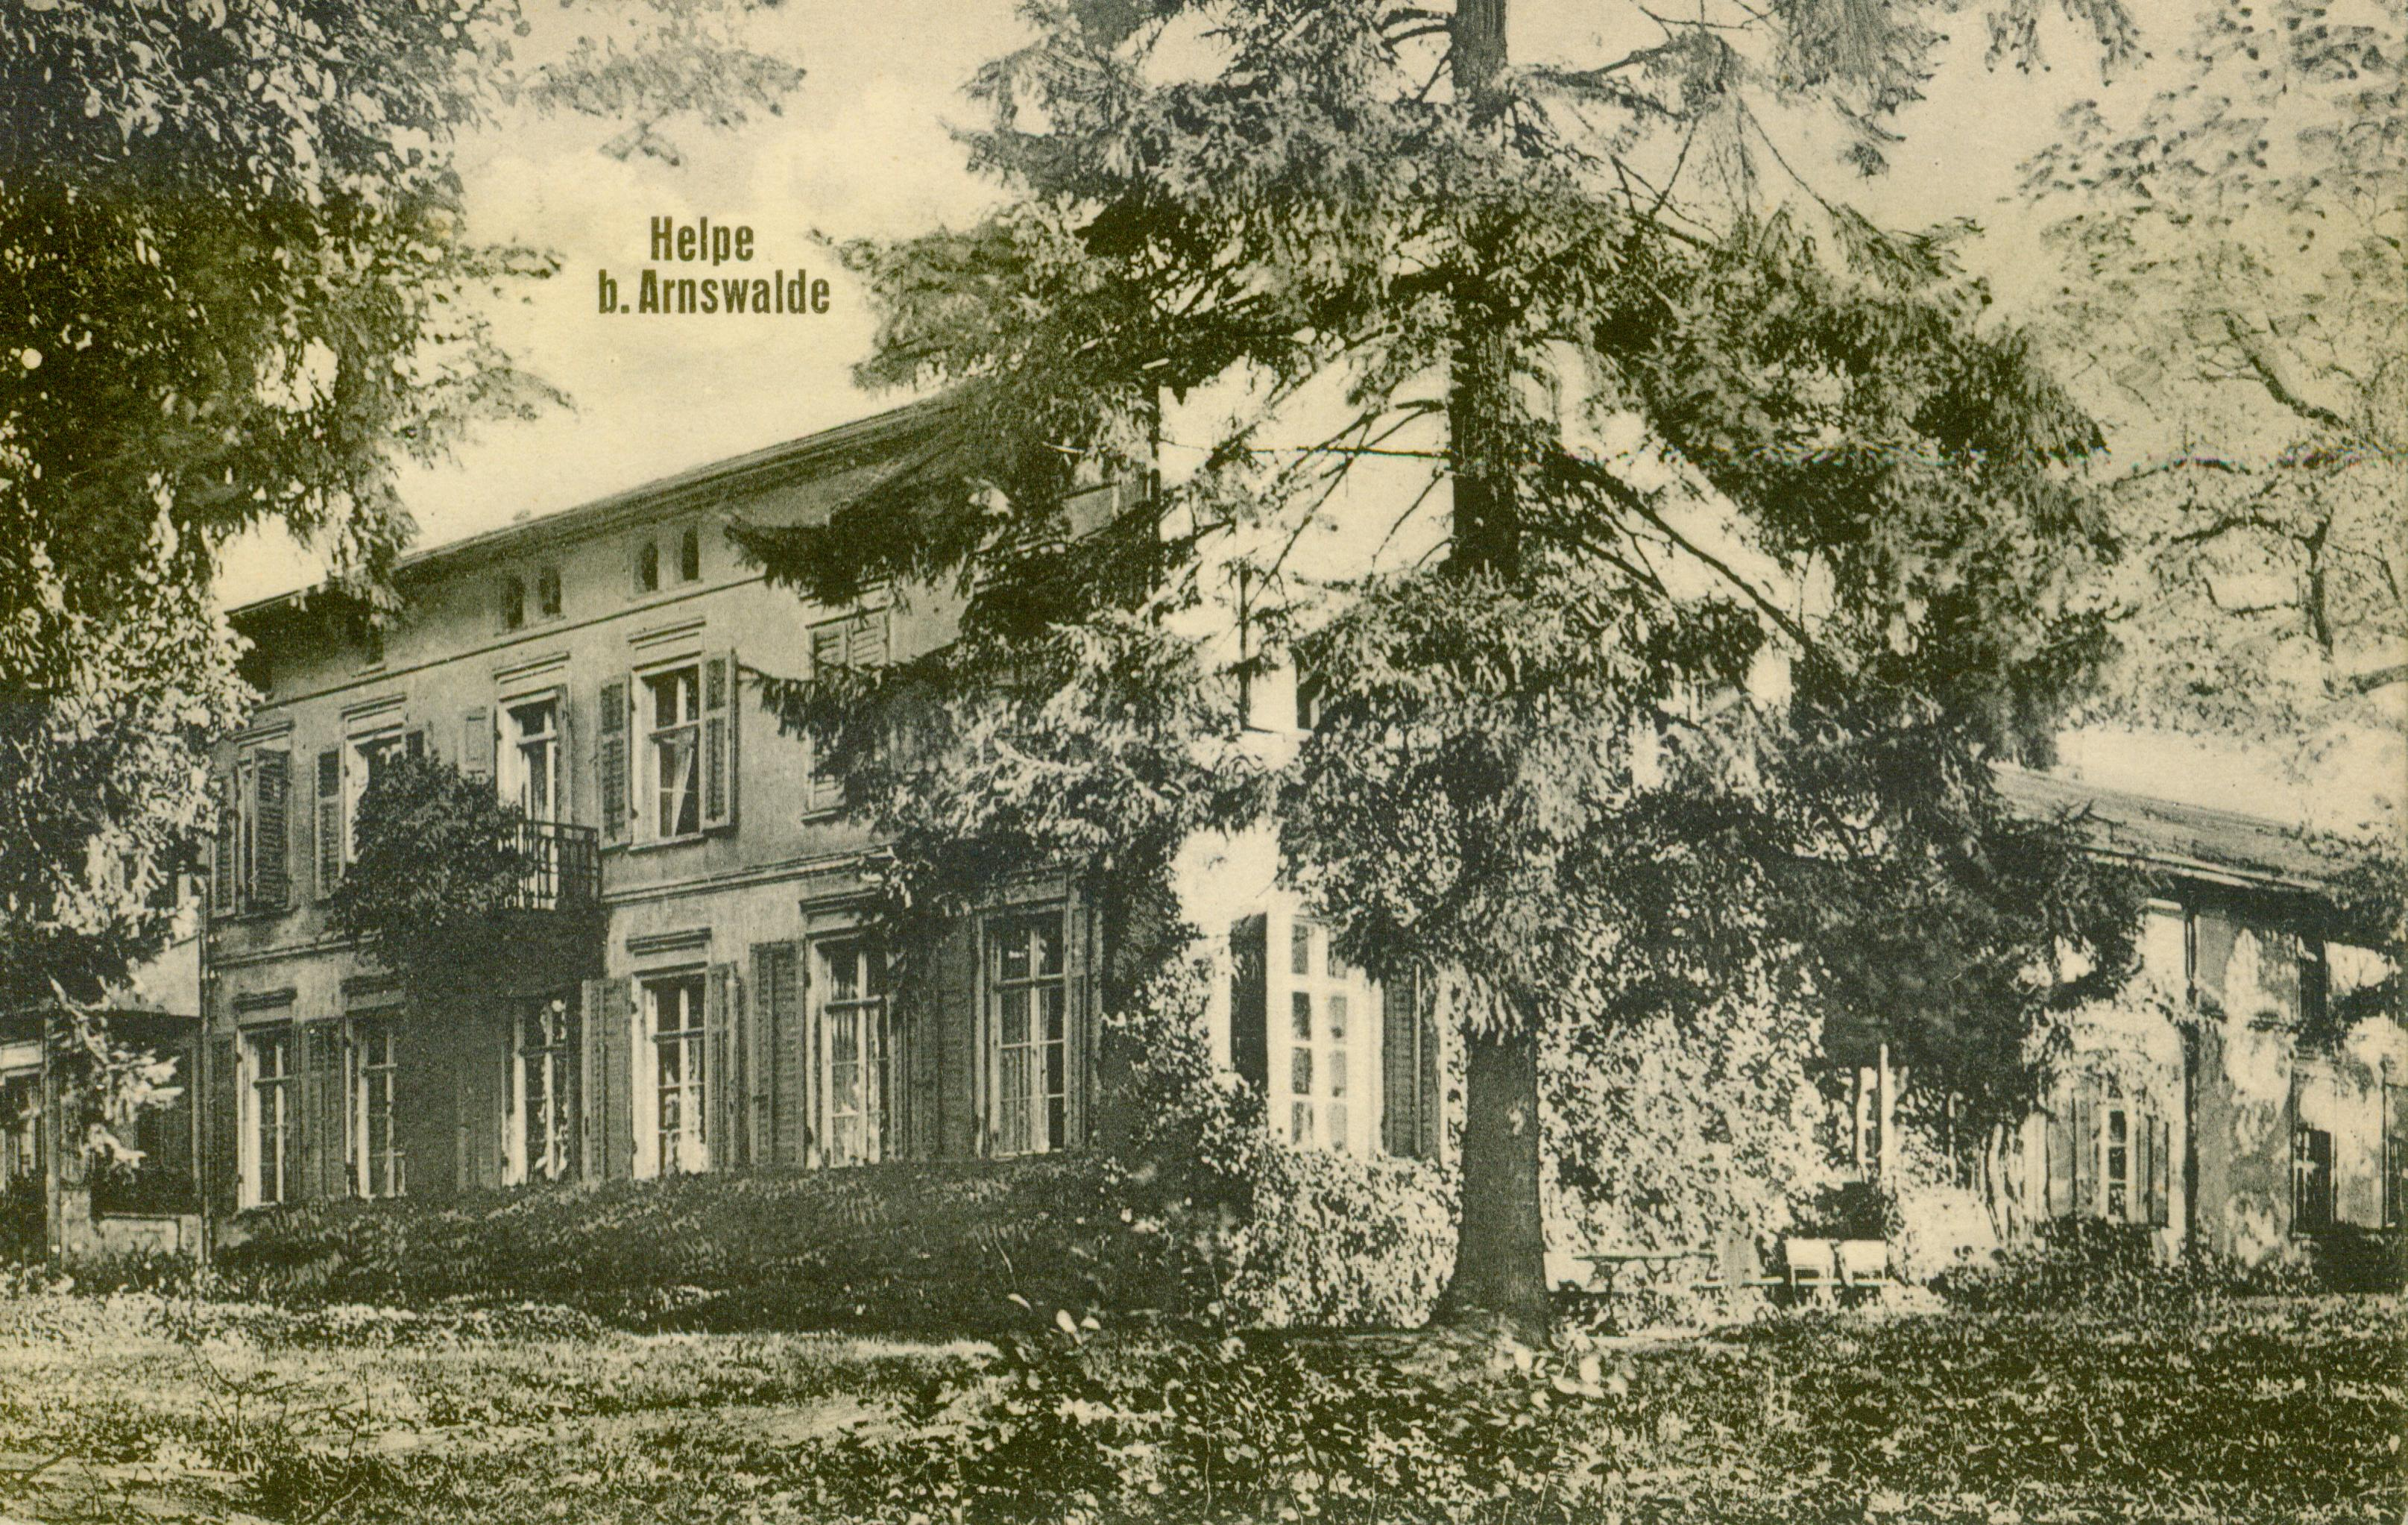 Chełpa pow. Choszczno, zachodniopomorskie